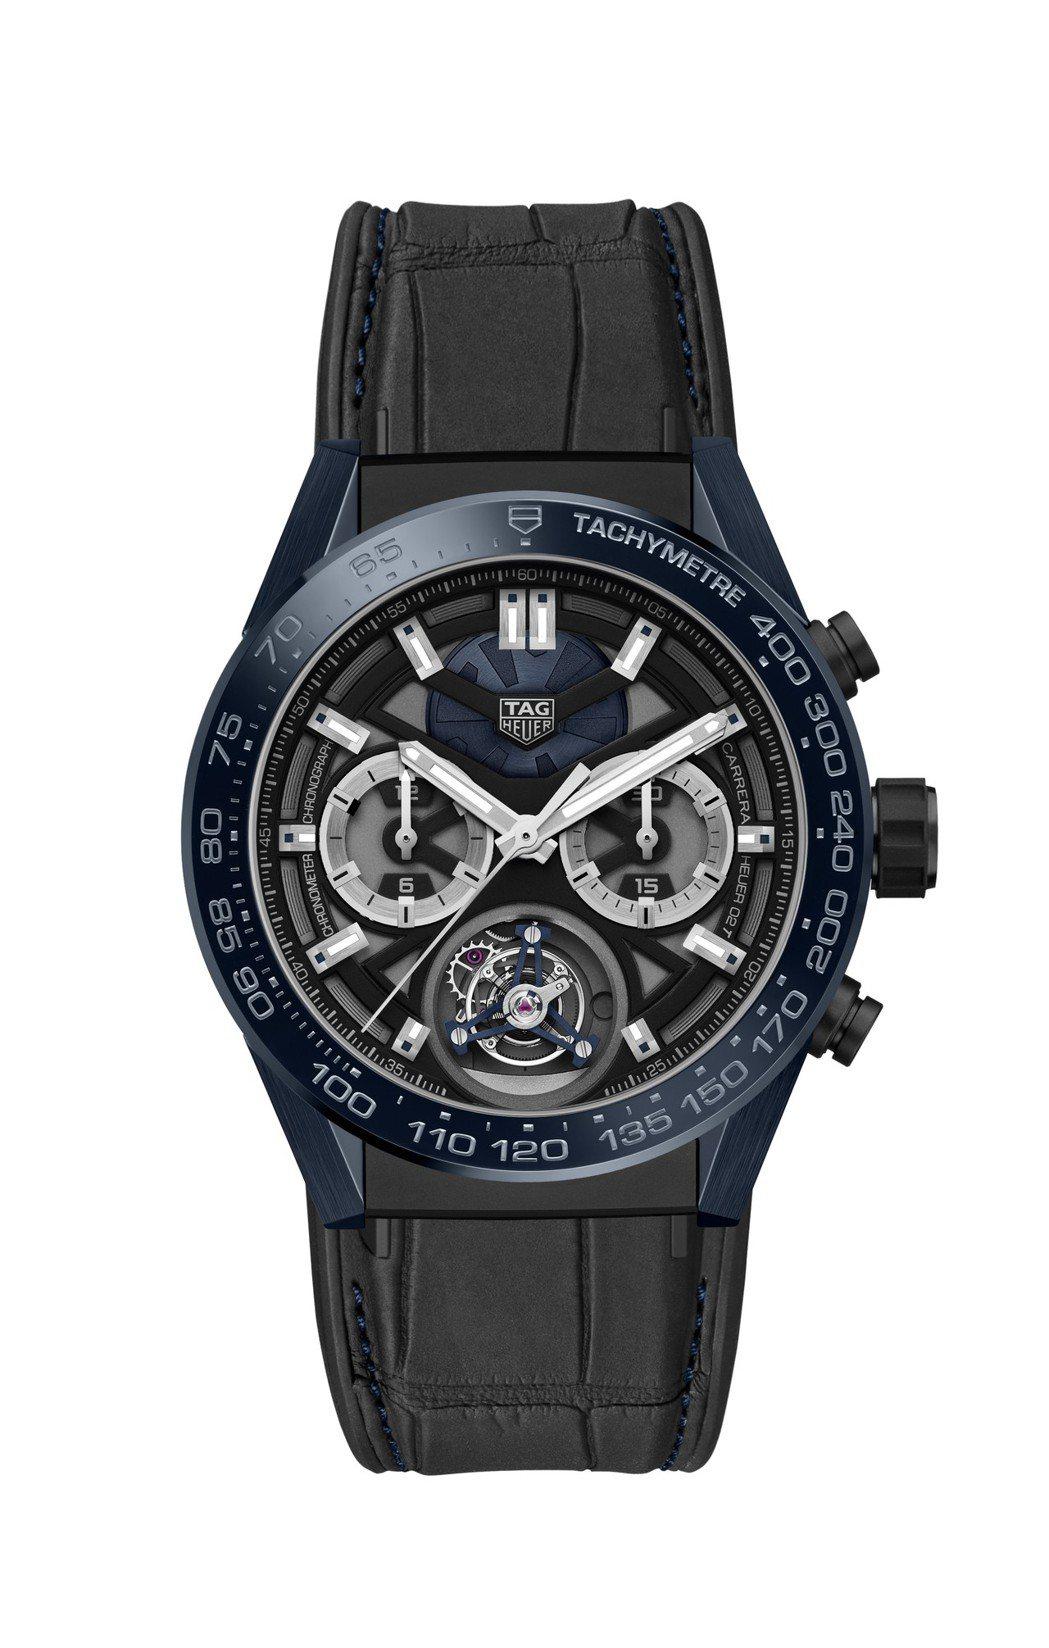 泰格豪雅Carrera「Tête de Vipère」陀飛輪精密計時腕表,限量1...